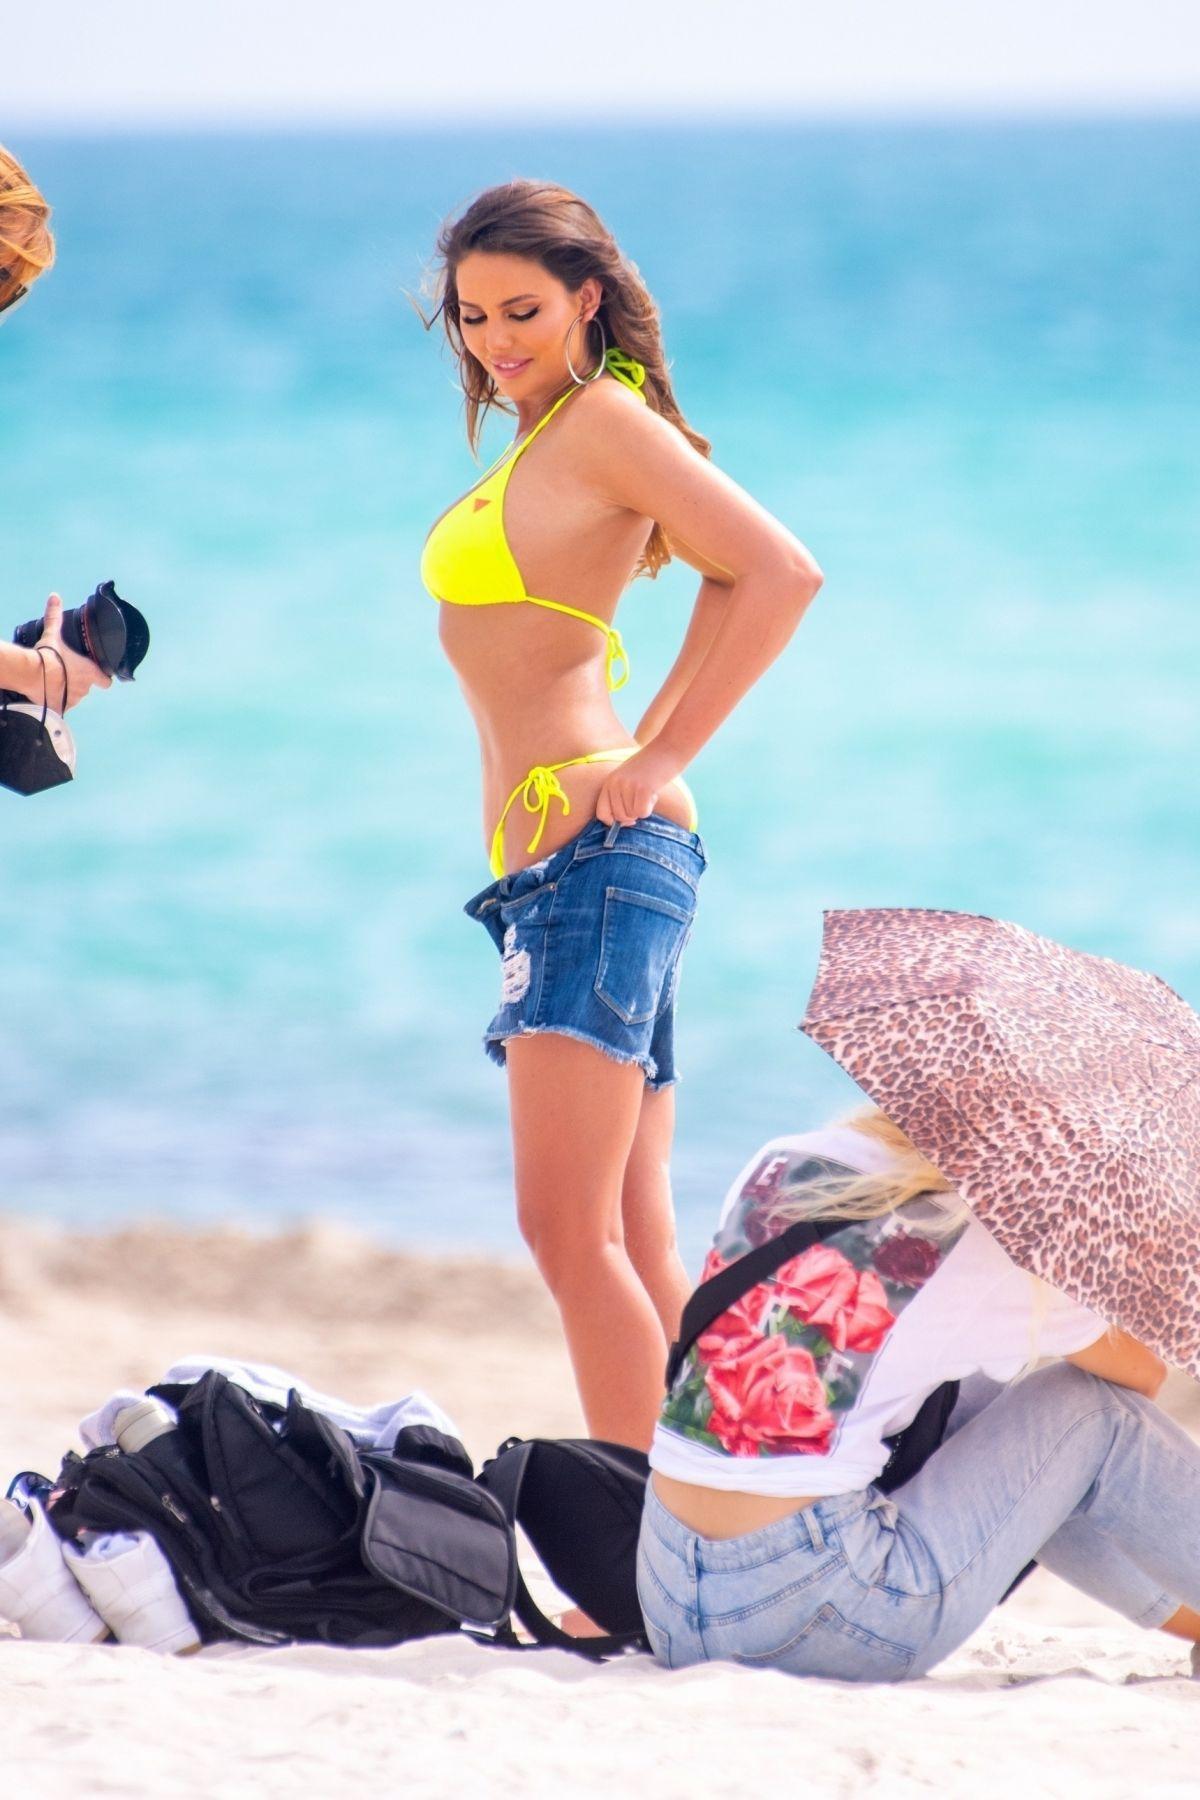 Zita Vass Hot Bikini Body